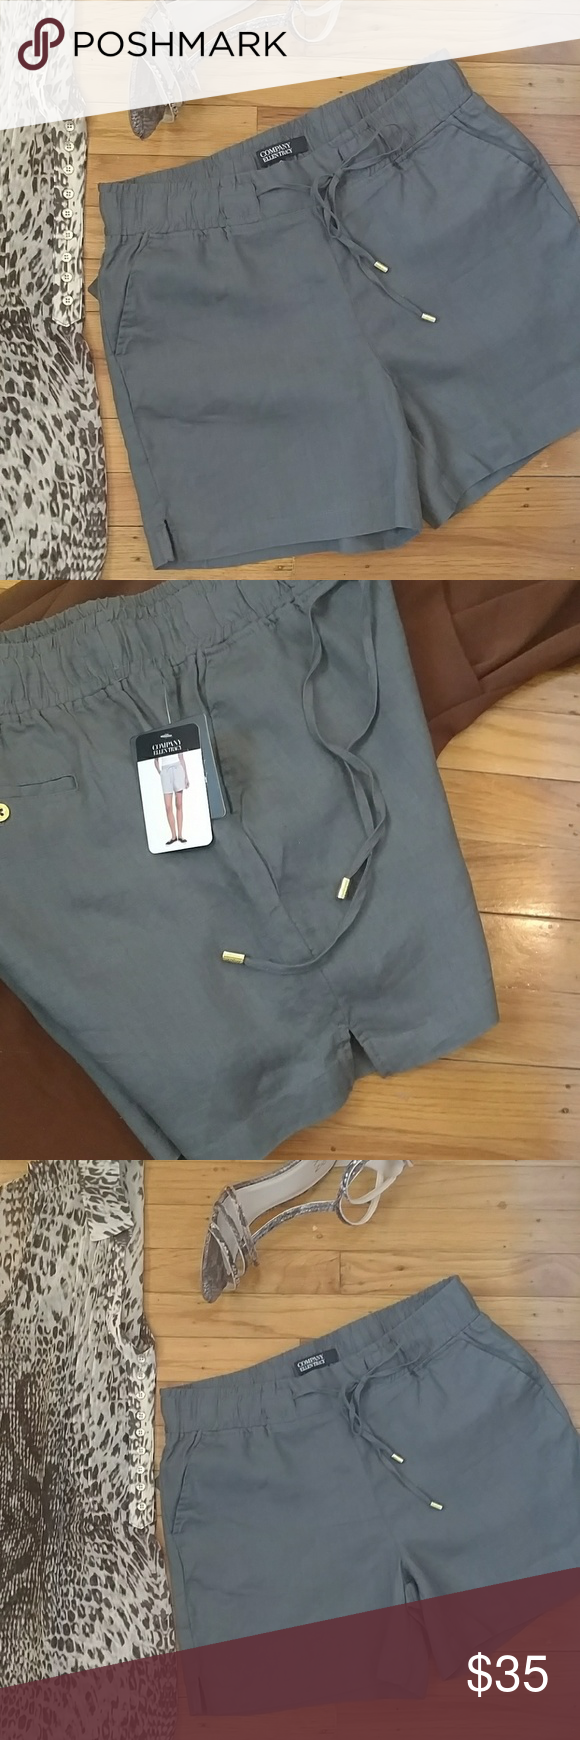 Ellen tracy dress shorts ellen tracy dress shorts front side slits